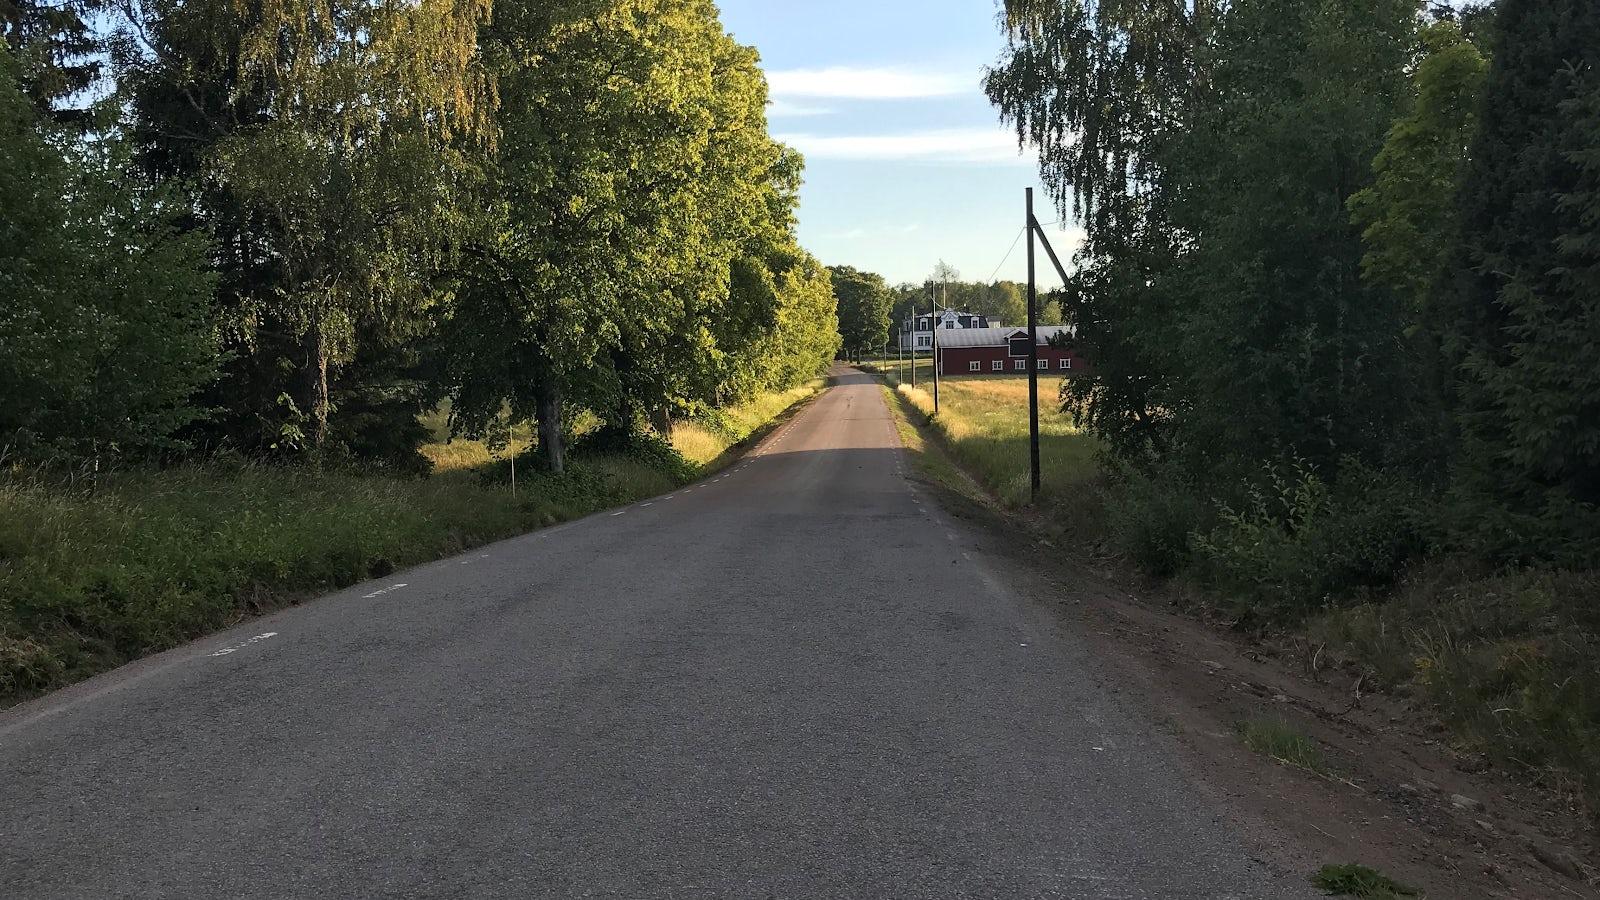 Landsväg utan trafik där hastighetsbegränsningen 70 km/h gäller.